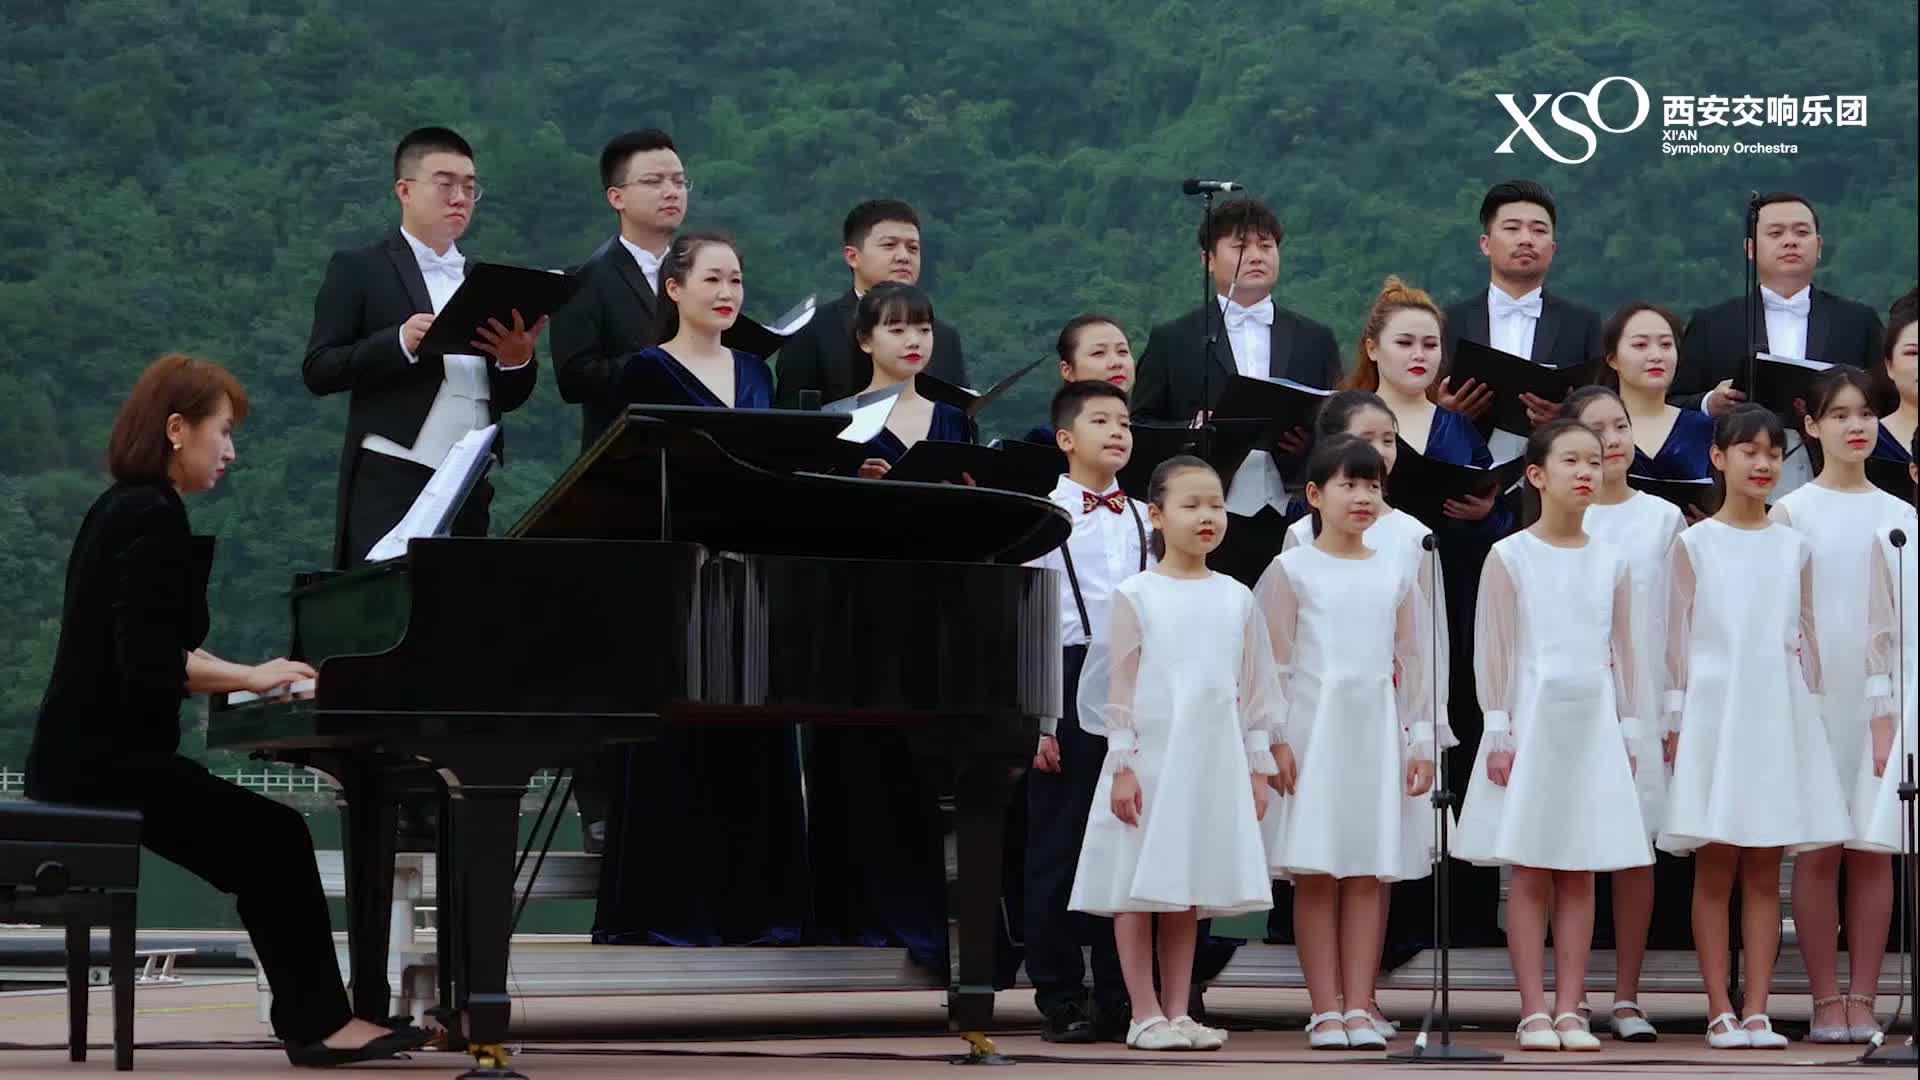 翠华山行音乐会——《我的祖国》合唱版